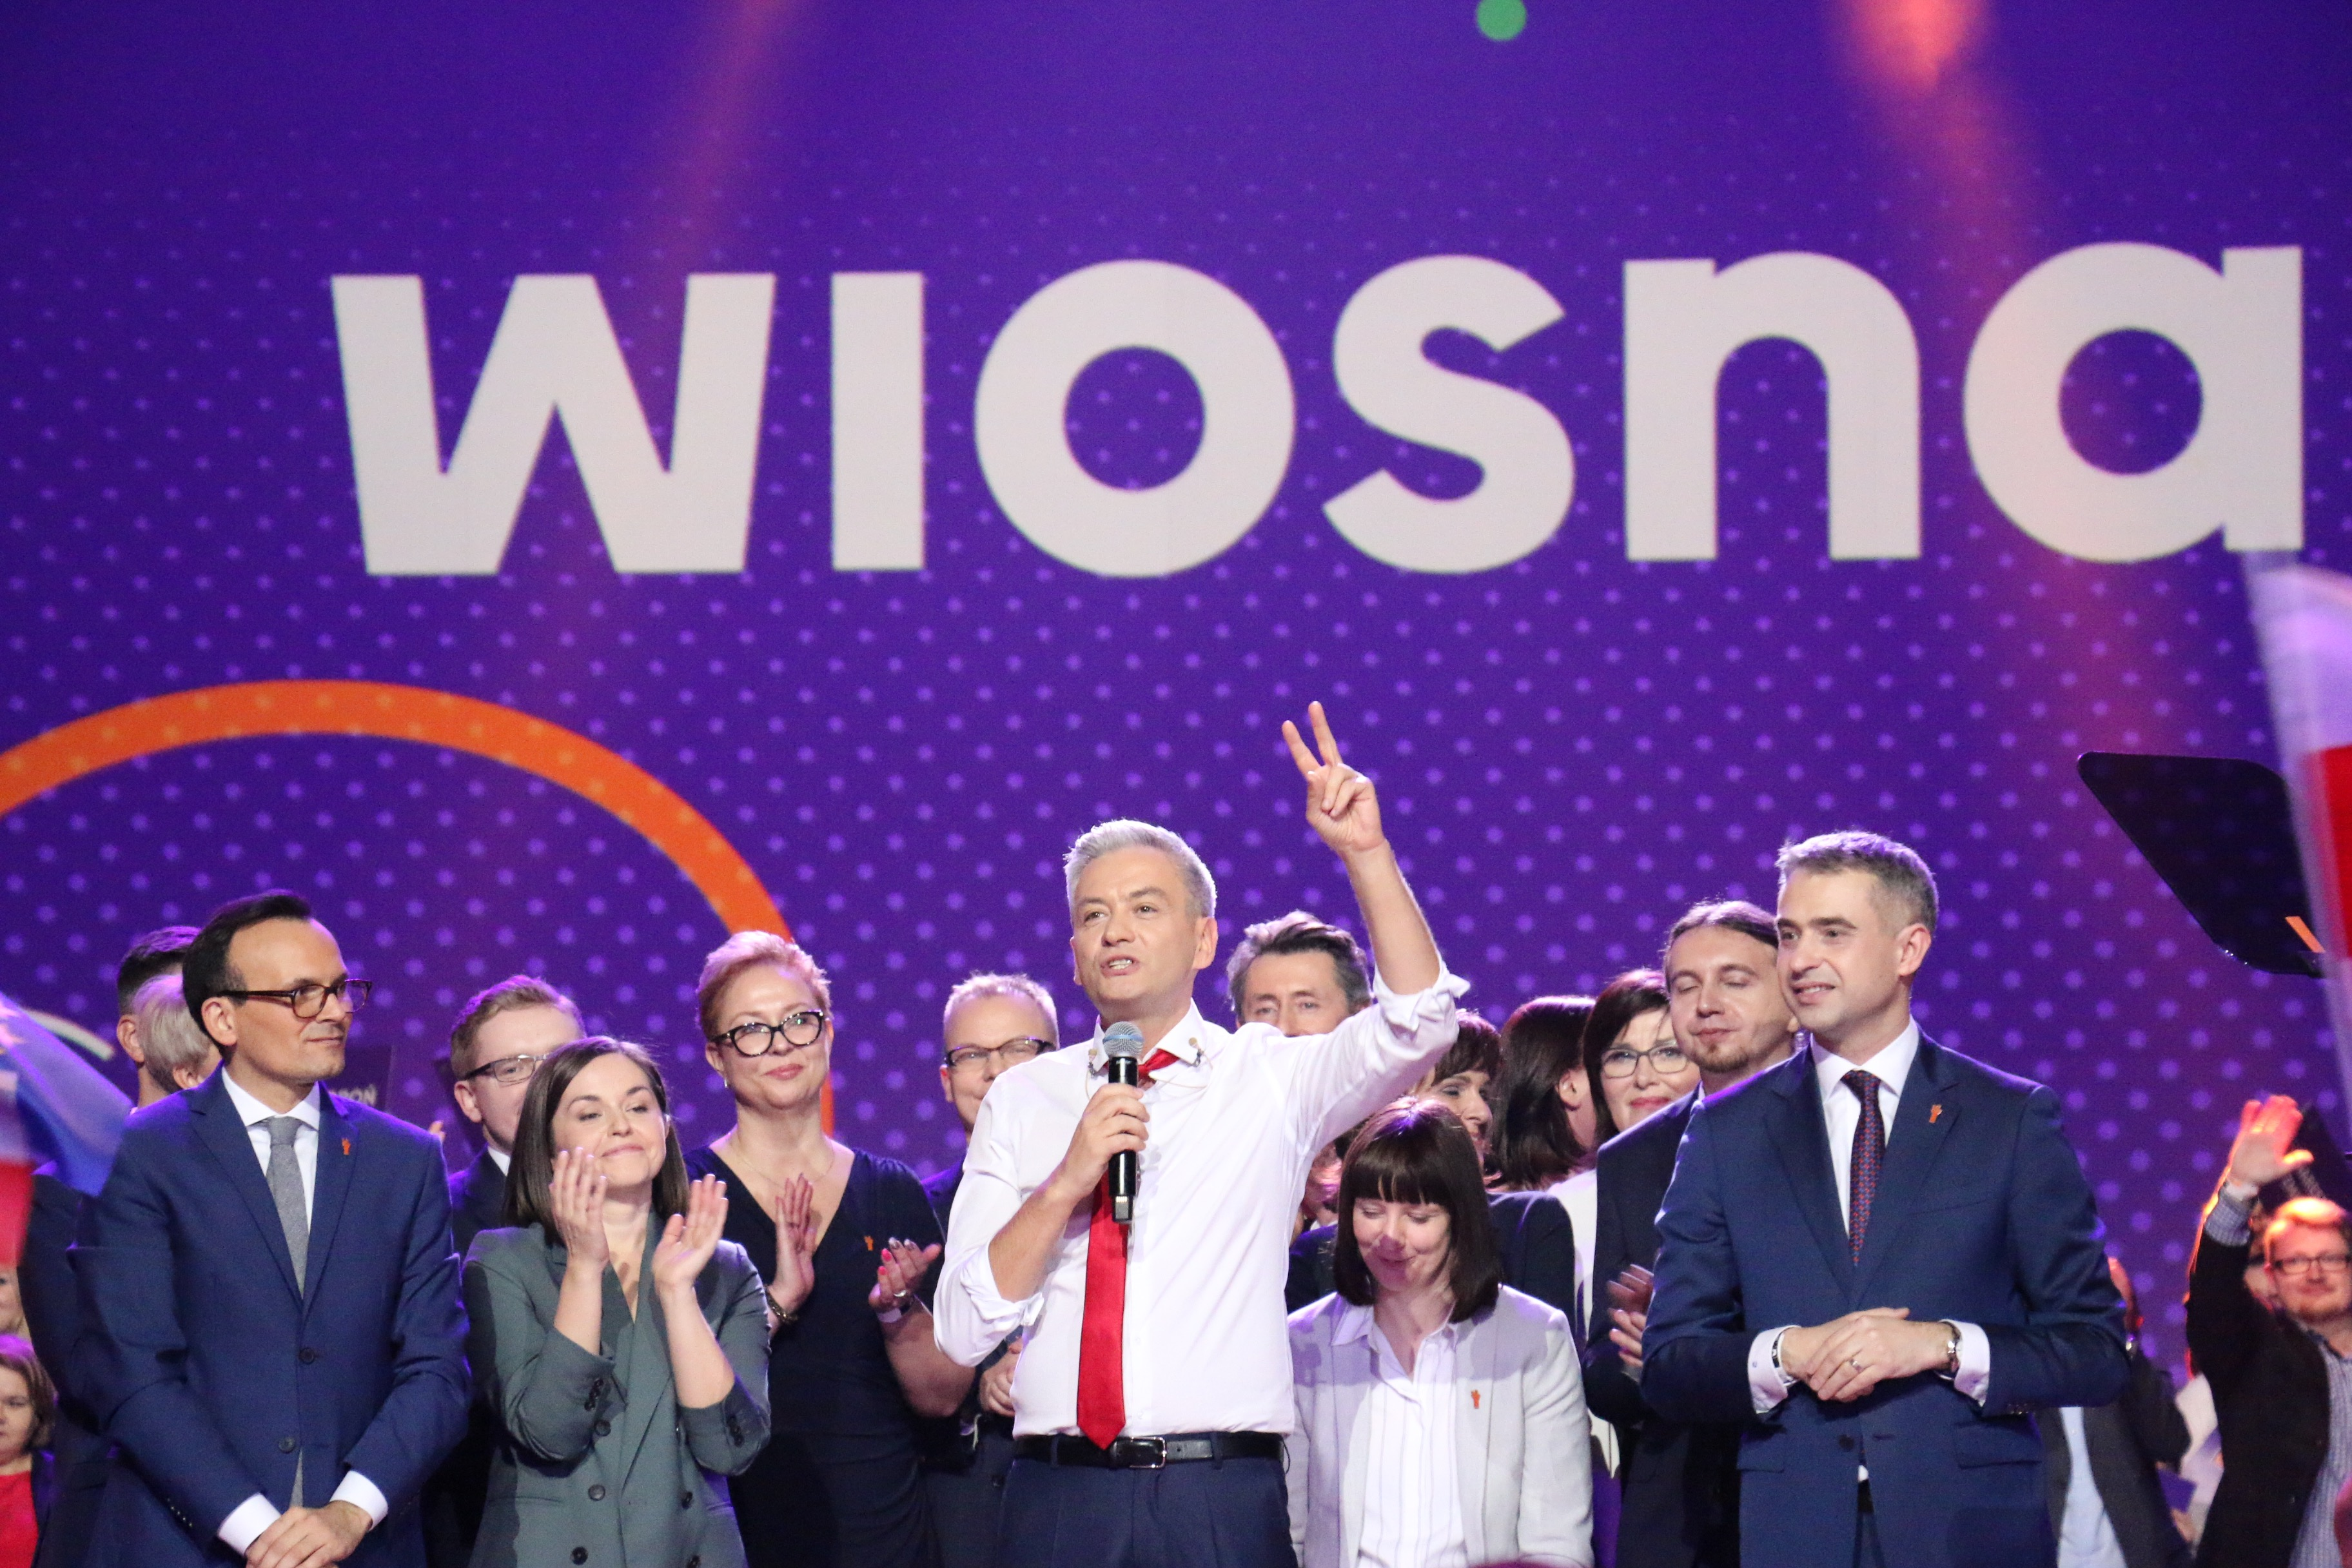 Robert Biedrońin johtaman vasemmistoliberaalin Kevät-puolueen perustamisesta kerrottiin 6000 kuulijalle Varsovan Torwar-hallissa helmikuun alussa.